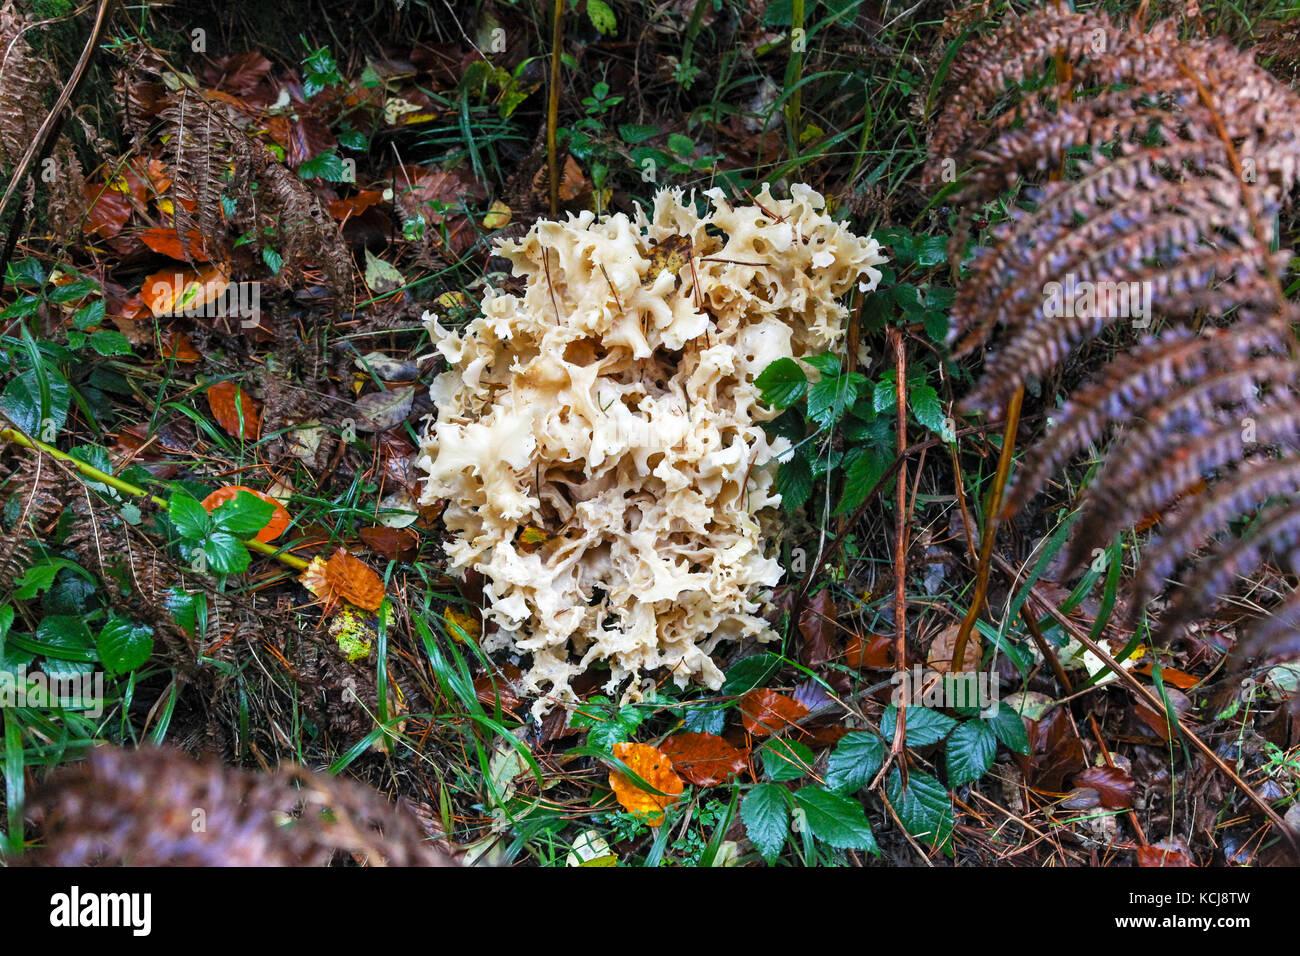 fungus-or-fungi-KCJ8TW.jpg